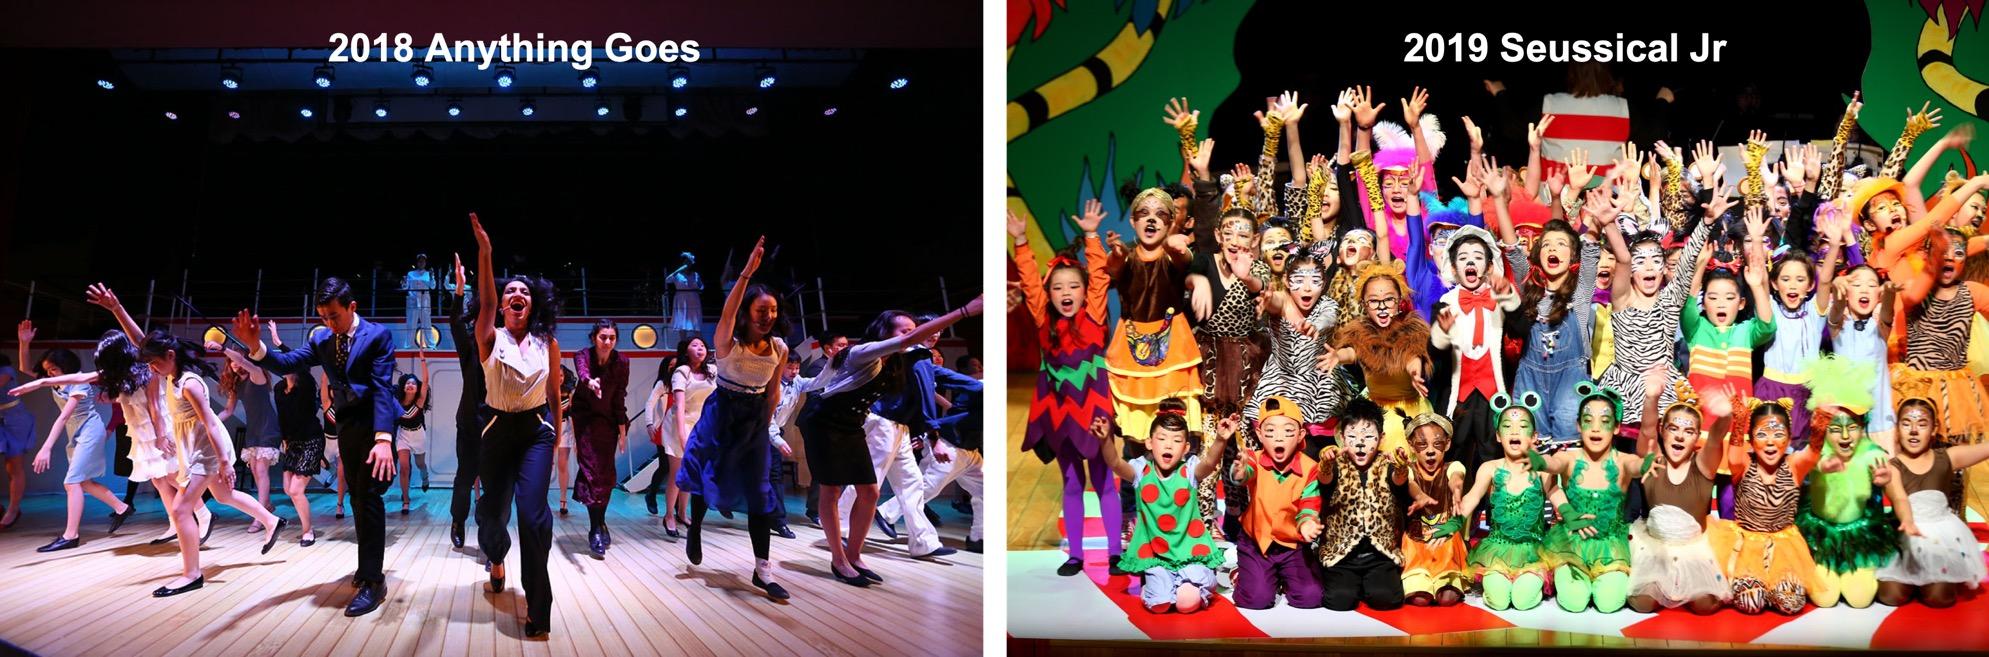 戏剧艺术 2018 和 2019